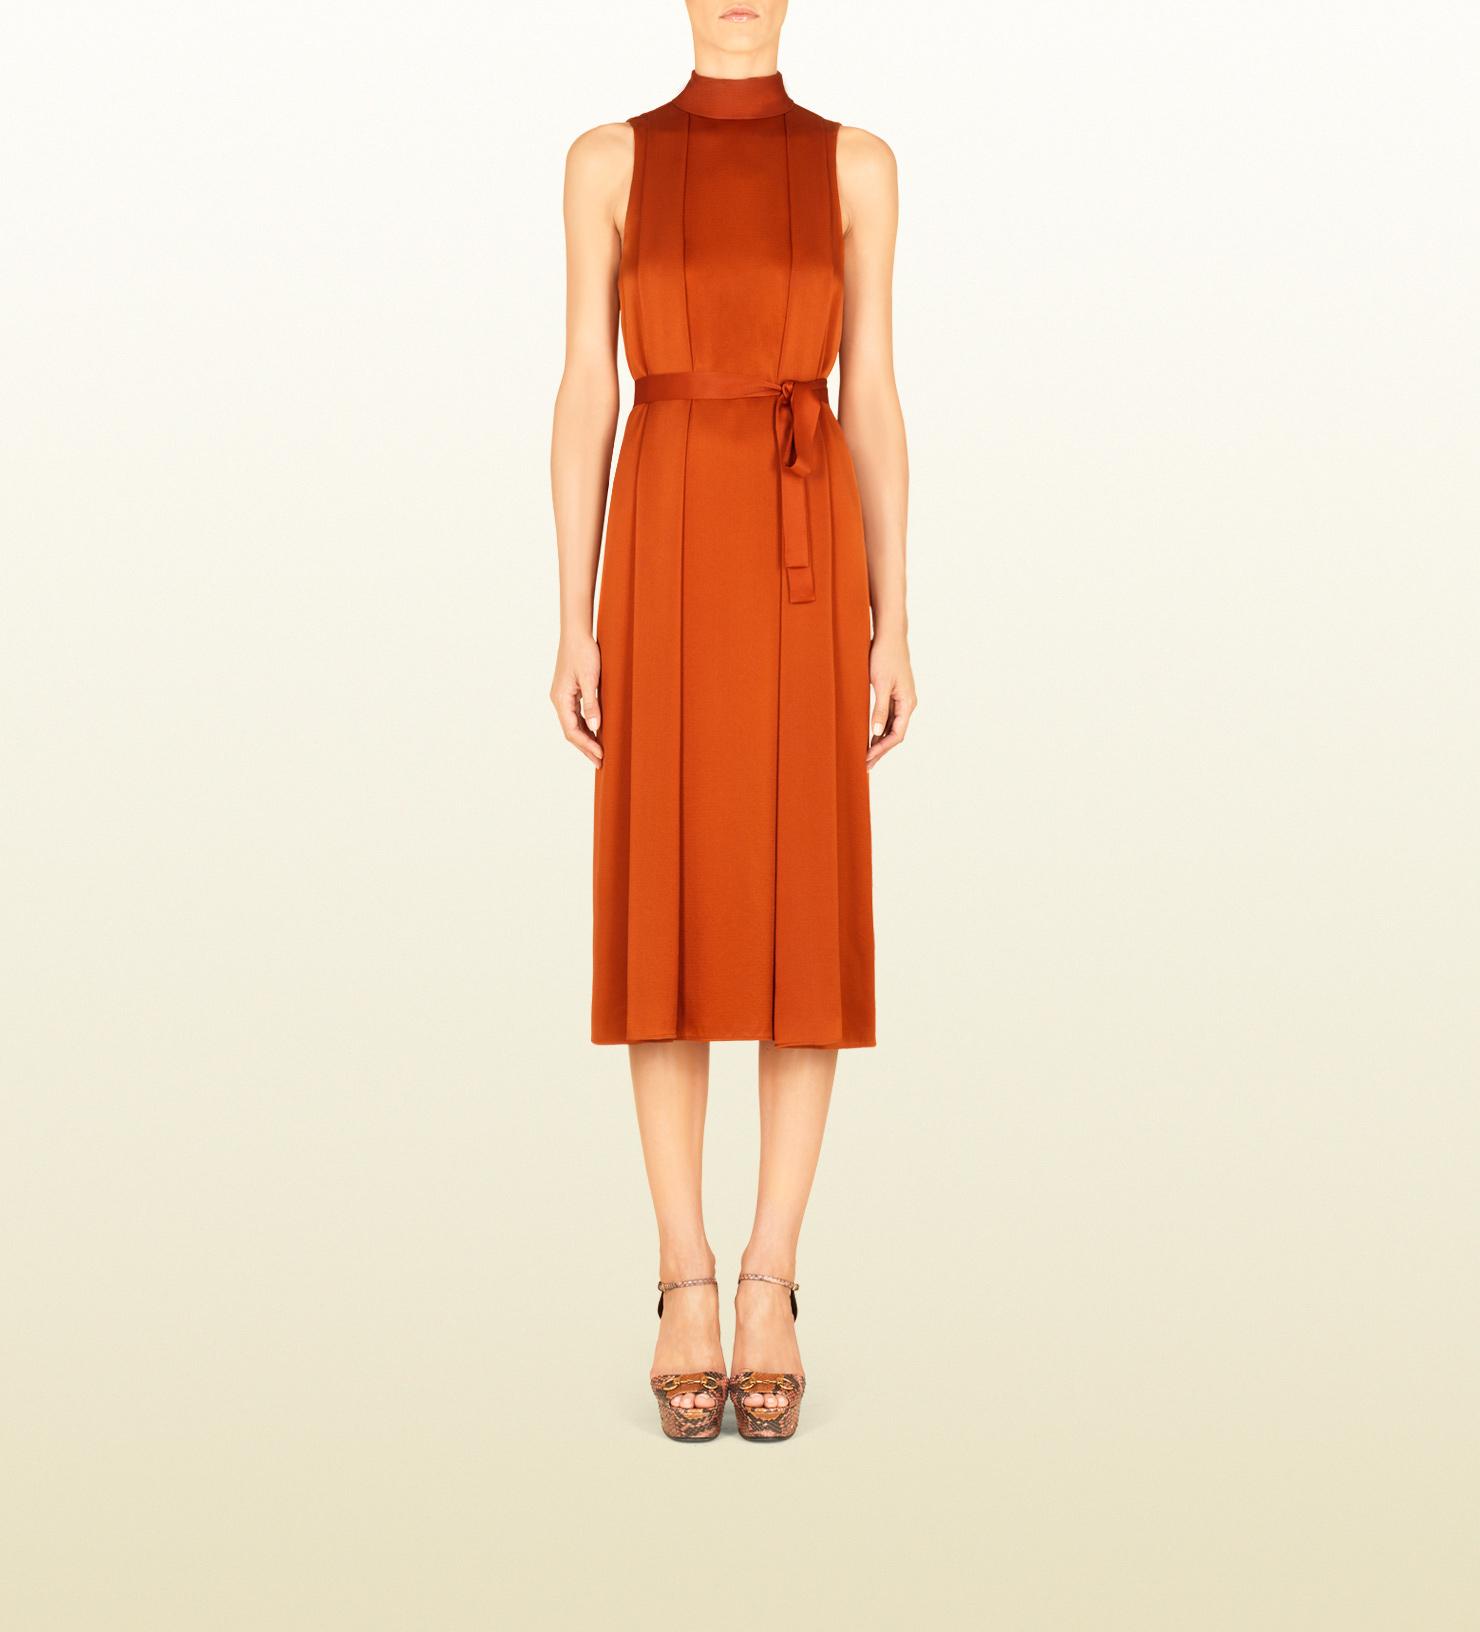 Gucci Hammered Silk Back Neck Tie Dress in Orange | Lyst